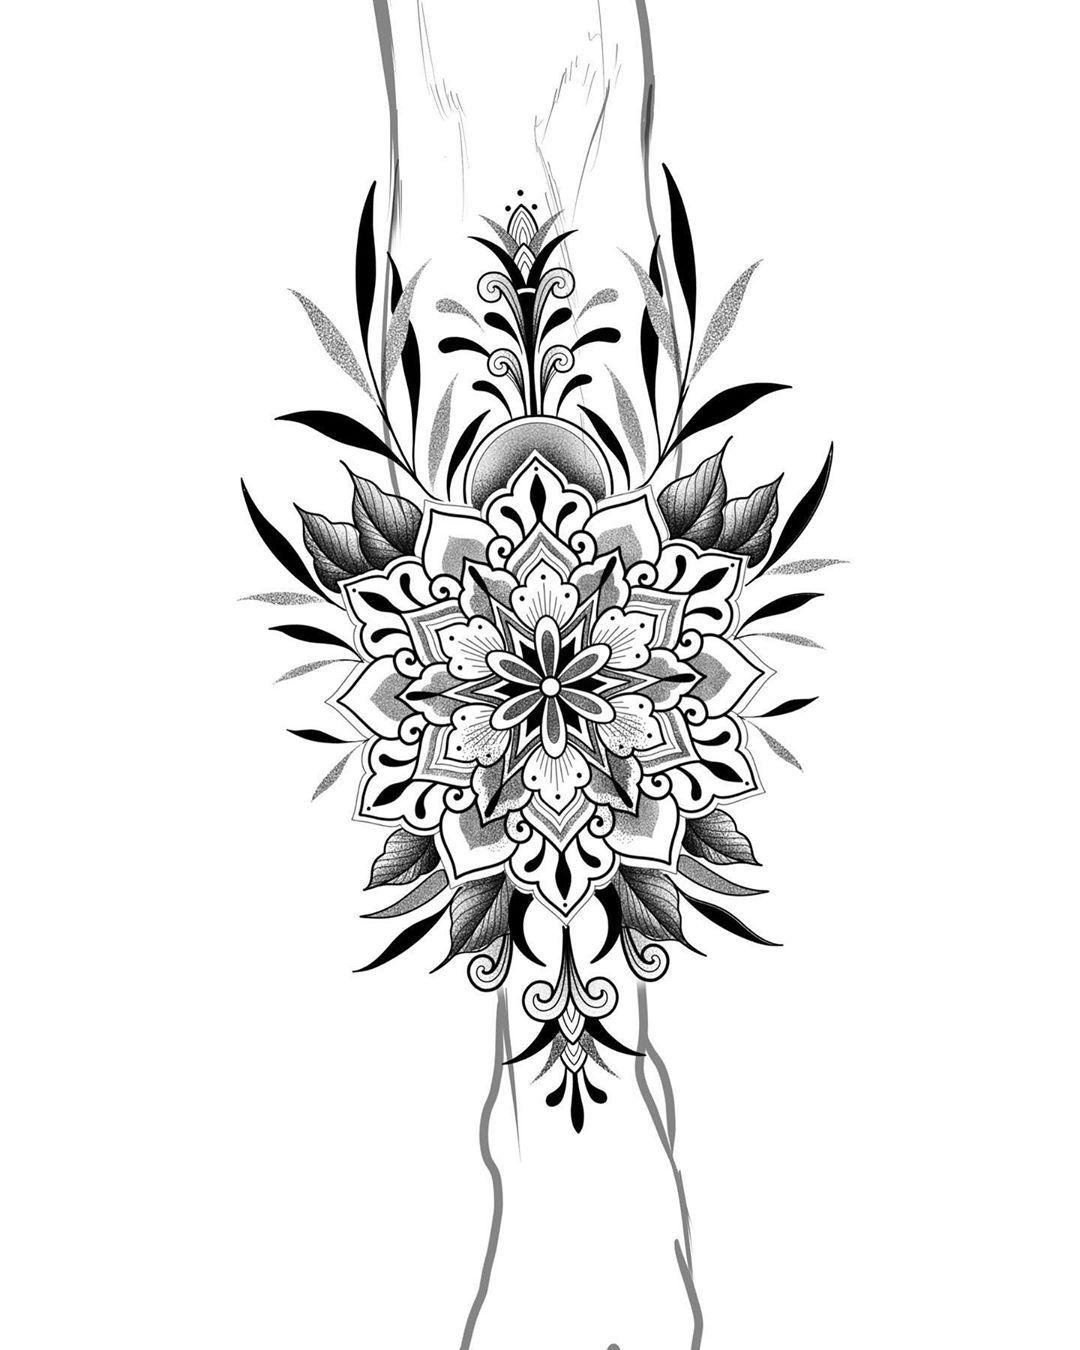 Projeto disponível para ser feito pós quarentena ✨ • Sugestões de local canela, panturrilha ou costas ⠀  Orçamentos pelo email marinasmaizel@gmail.com ⠀  __________________________  #tattoo #blacktattoo #blacktattoos #blackwork #bwbr #onlyblackart #blxckink #ttblackink #tguest #linework #tattoo2me #ornamentaltattoo #ornament #dotwork #dotworktattoo #tattoodo #ladytattoers #suntattoo #mandala #mandalatattoo #ornamenttattoo #ornamental #tttism #geometrip